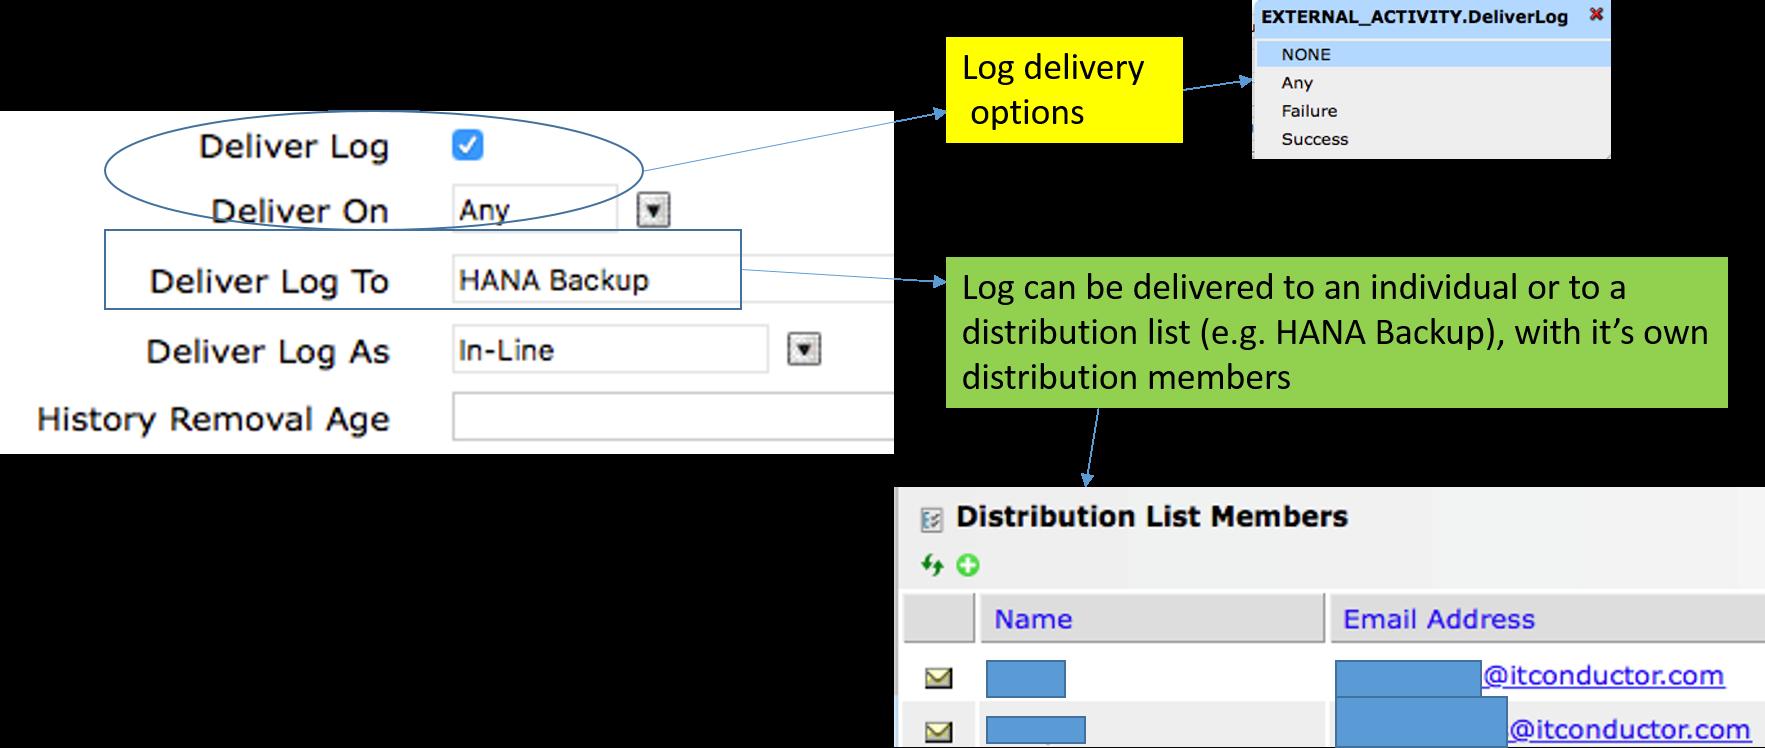 IT-Conductor SAP Basis Automation HANA Backup Create SQL Job - Activity 2